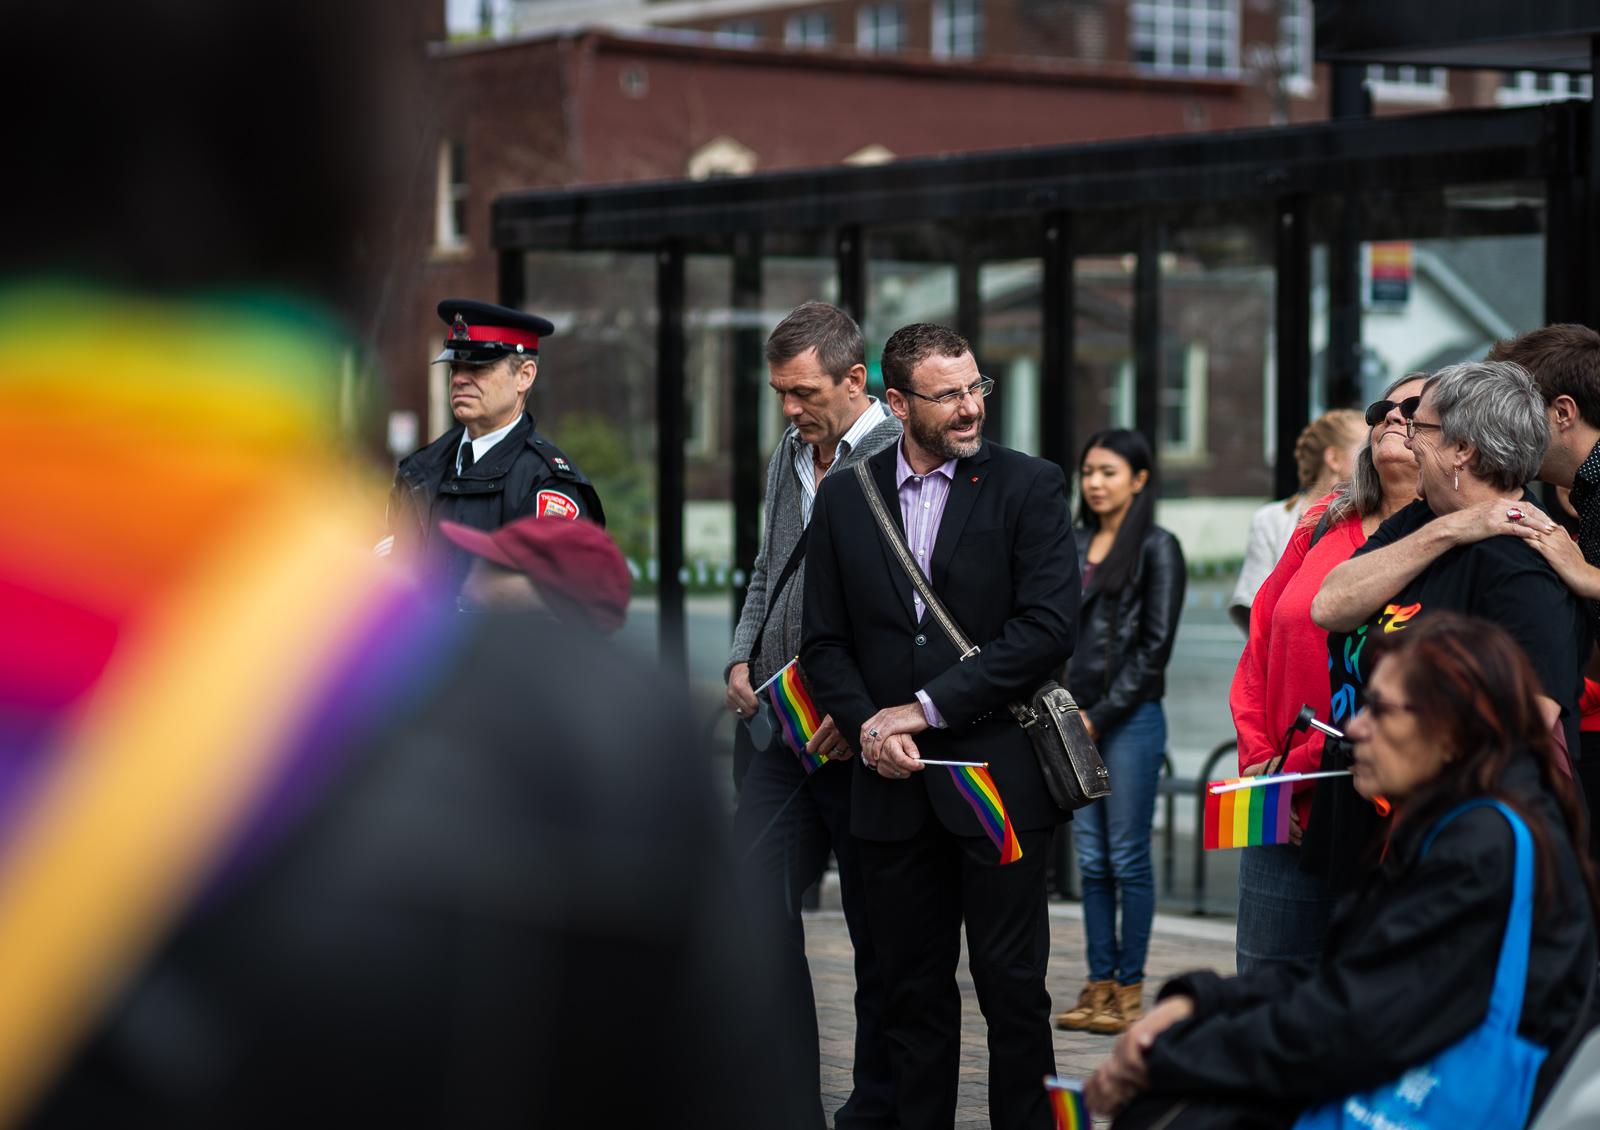 pride-2019-opening-ceremonies-blog-23.jpg